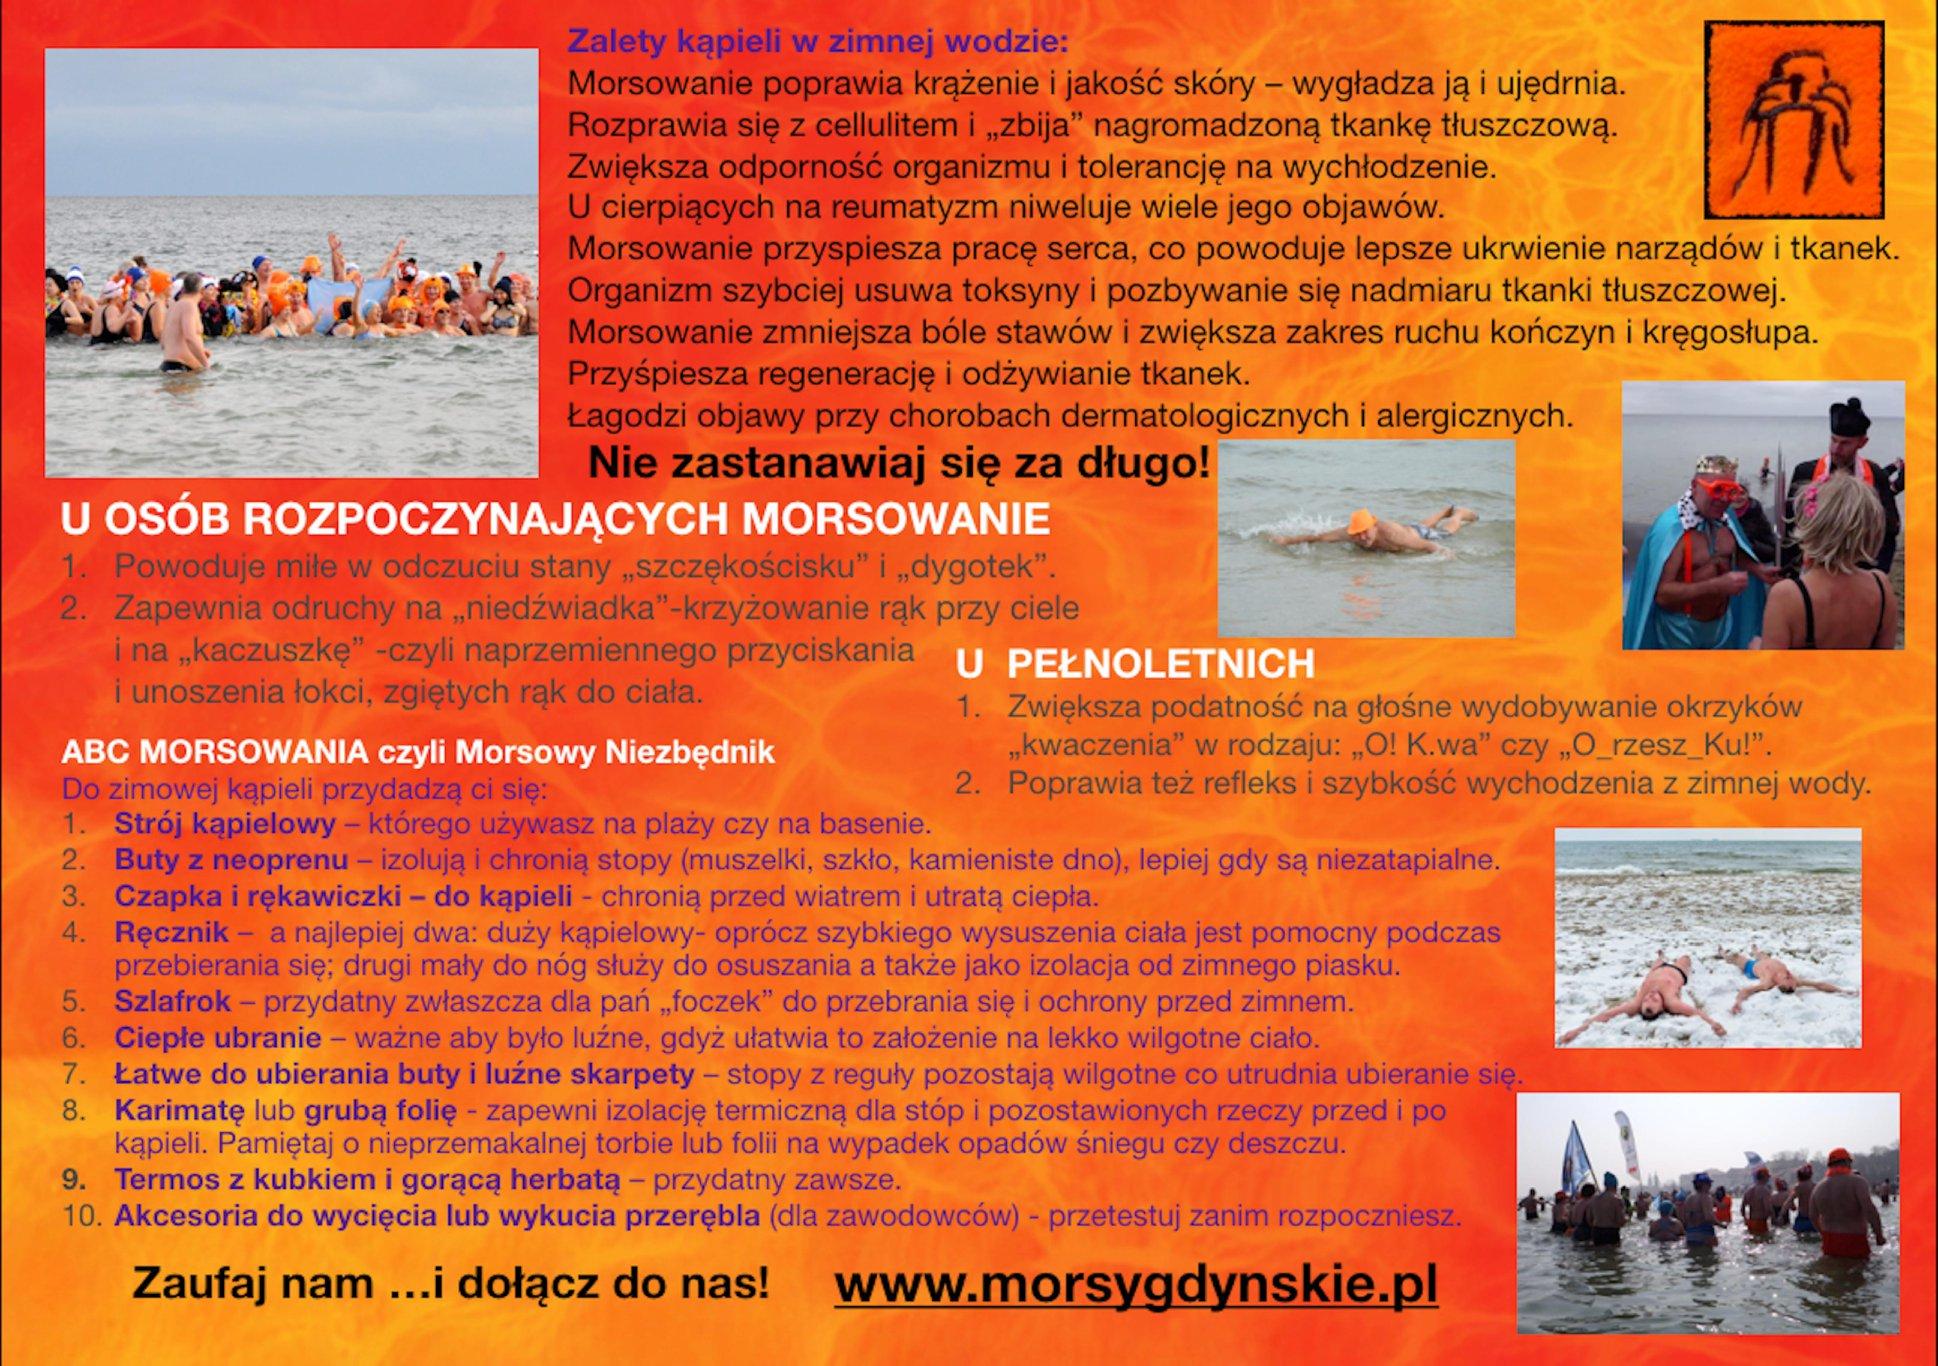 Podstawowe informacje o morsowaniu // https://www.facebook.com/StowarzyszenieMorsyGdynskie